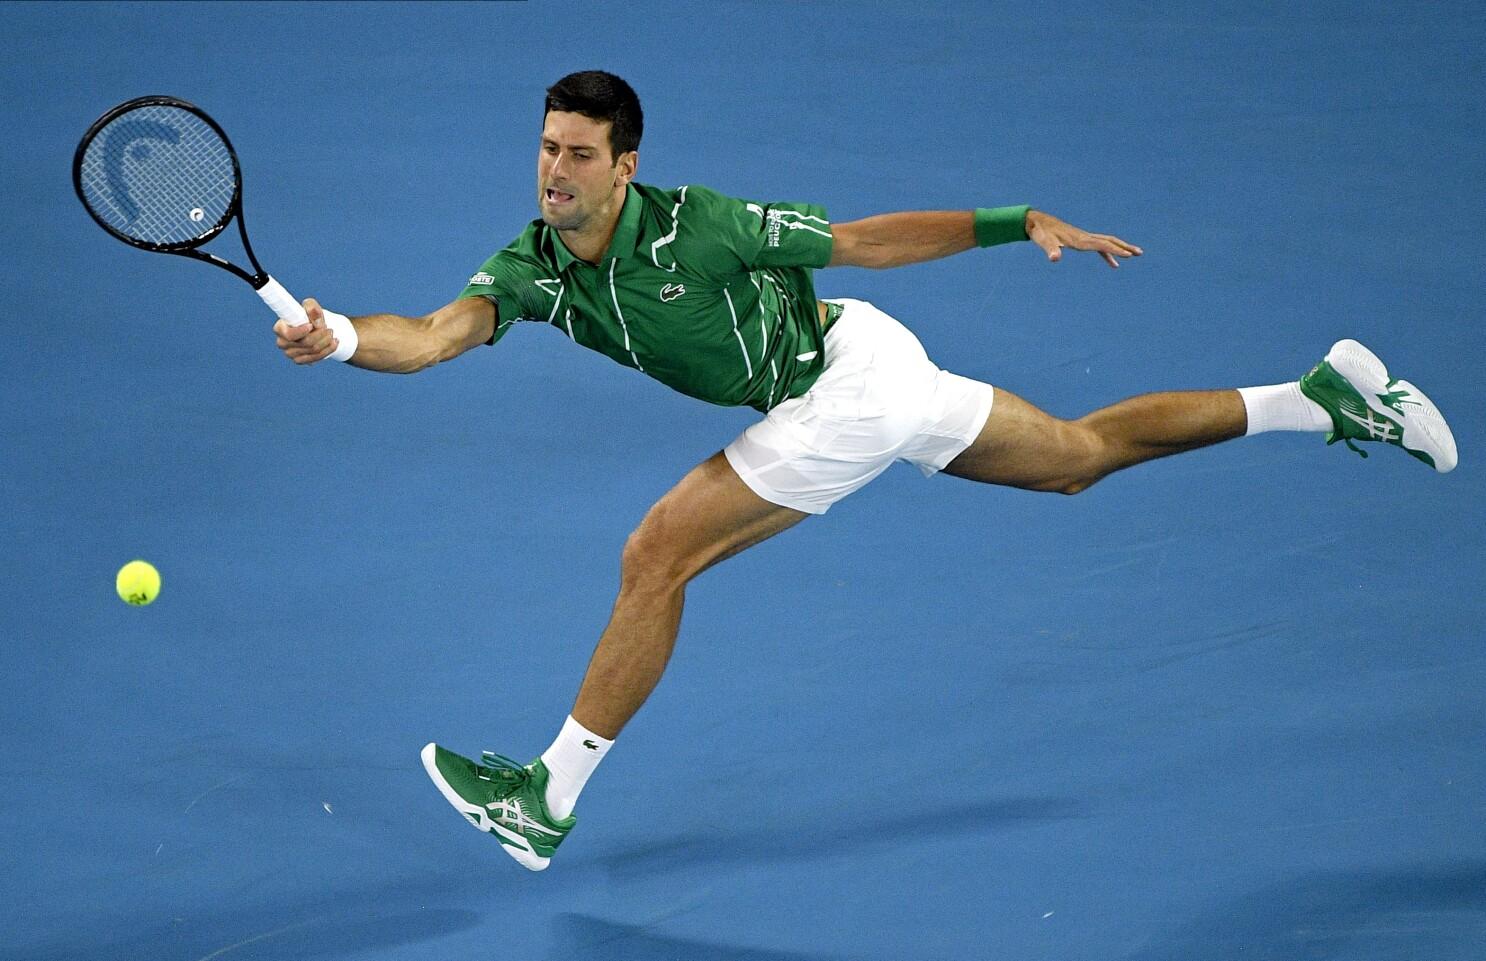 Us Open 2020 Novak Djokovic Seeded No 1 Eyes 18th Slam The San Diego Union Tribune